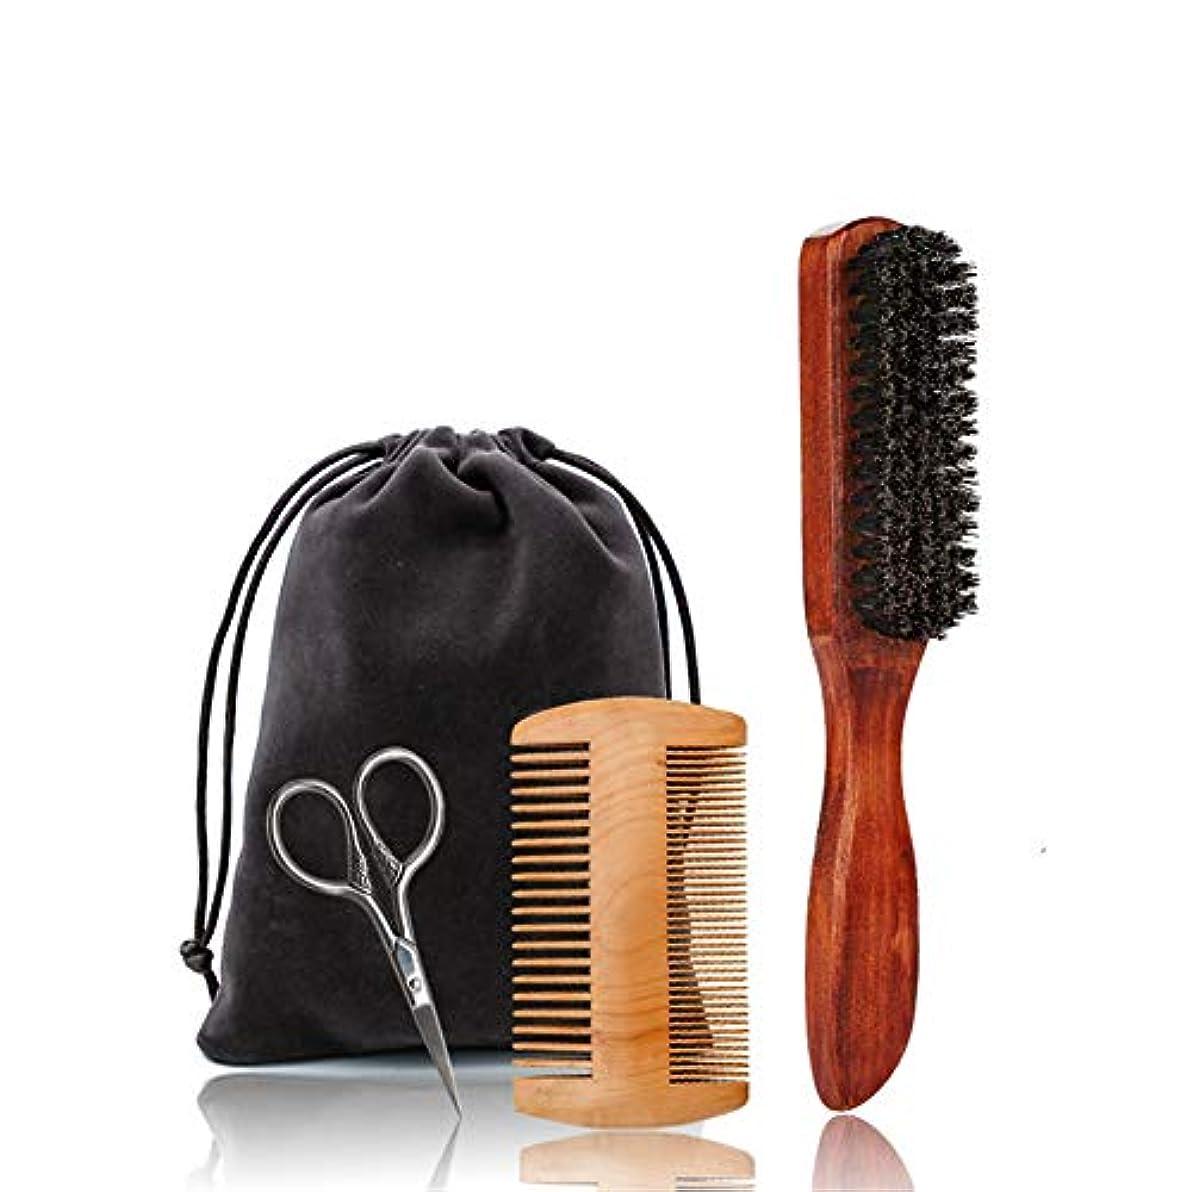 カップルゴール願う3本のきれいな髭剃りブラシ櫛ギフトセット竹ハンドル口ひげフェイシャルヘアシェービングカーディング髭ツールバッグ付き